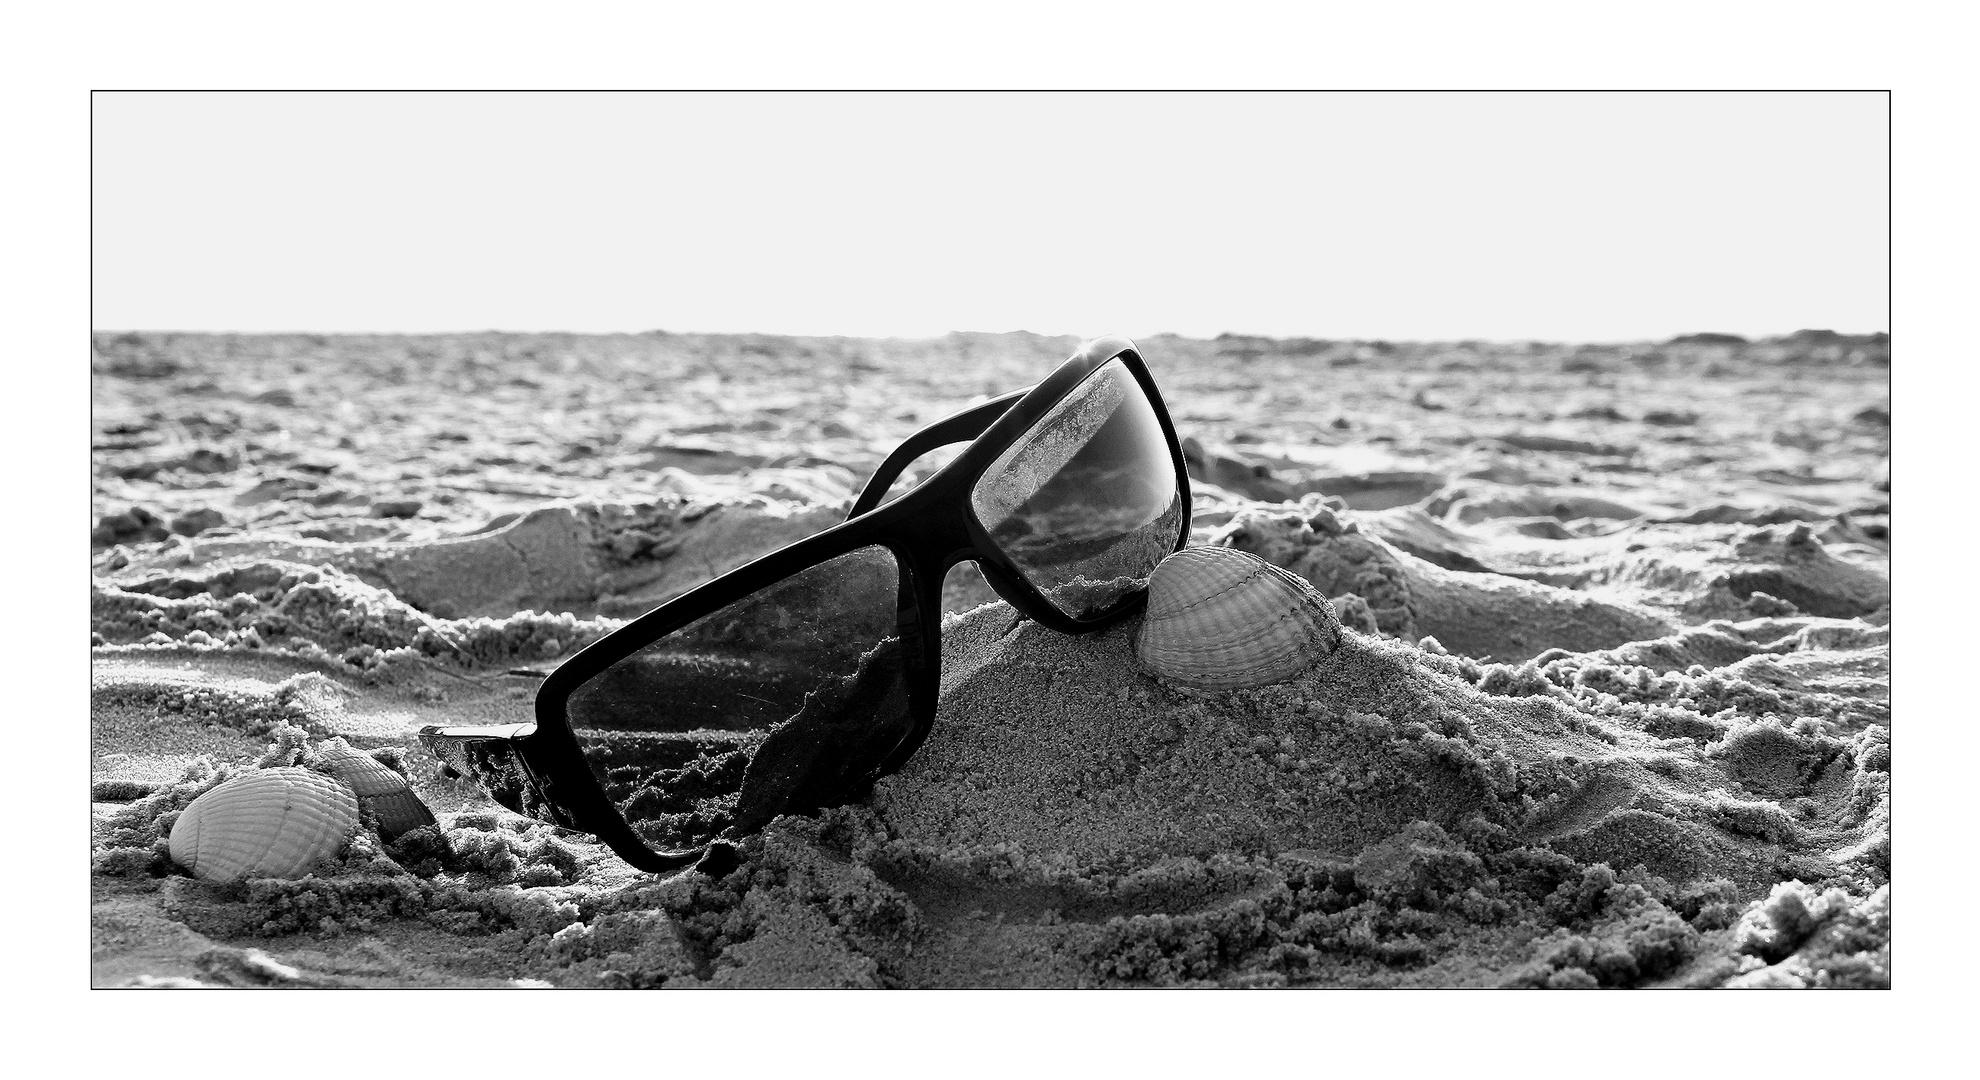 Erinnerung an den Sommer